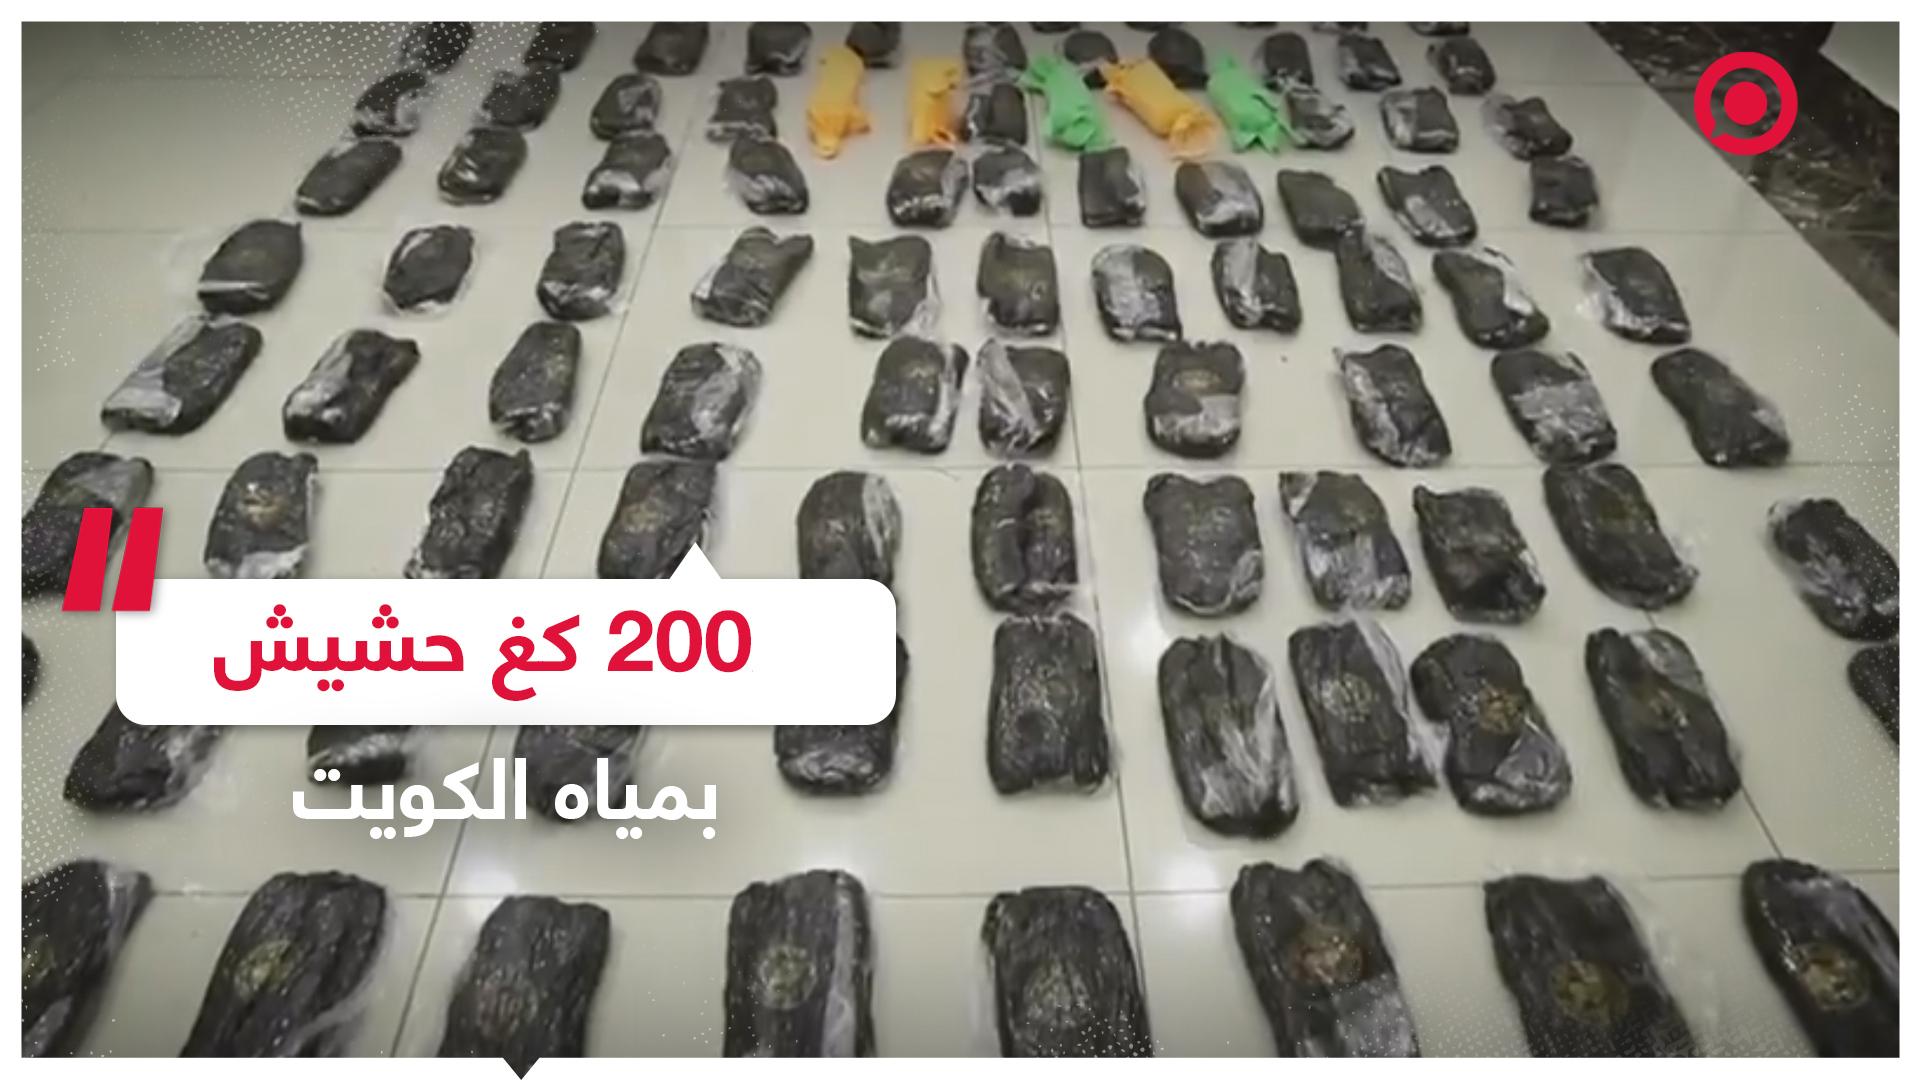 إحباط عملية تهريب 200 كيلوغرام حشيش في مياه الكويت